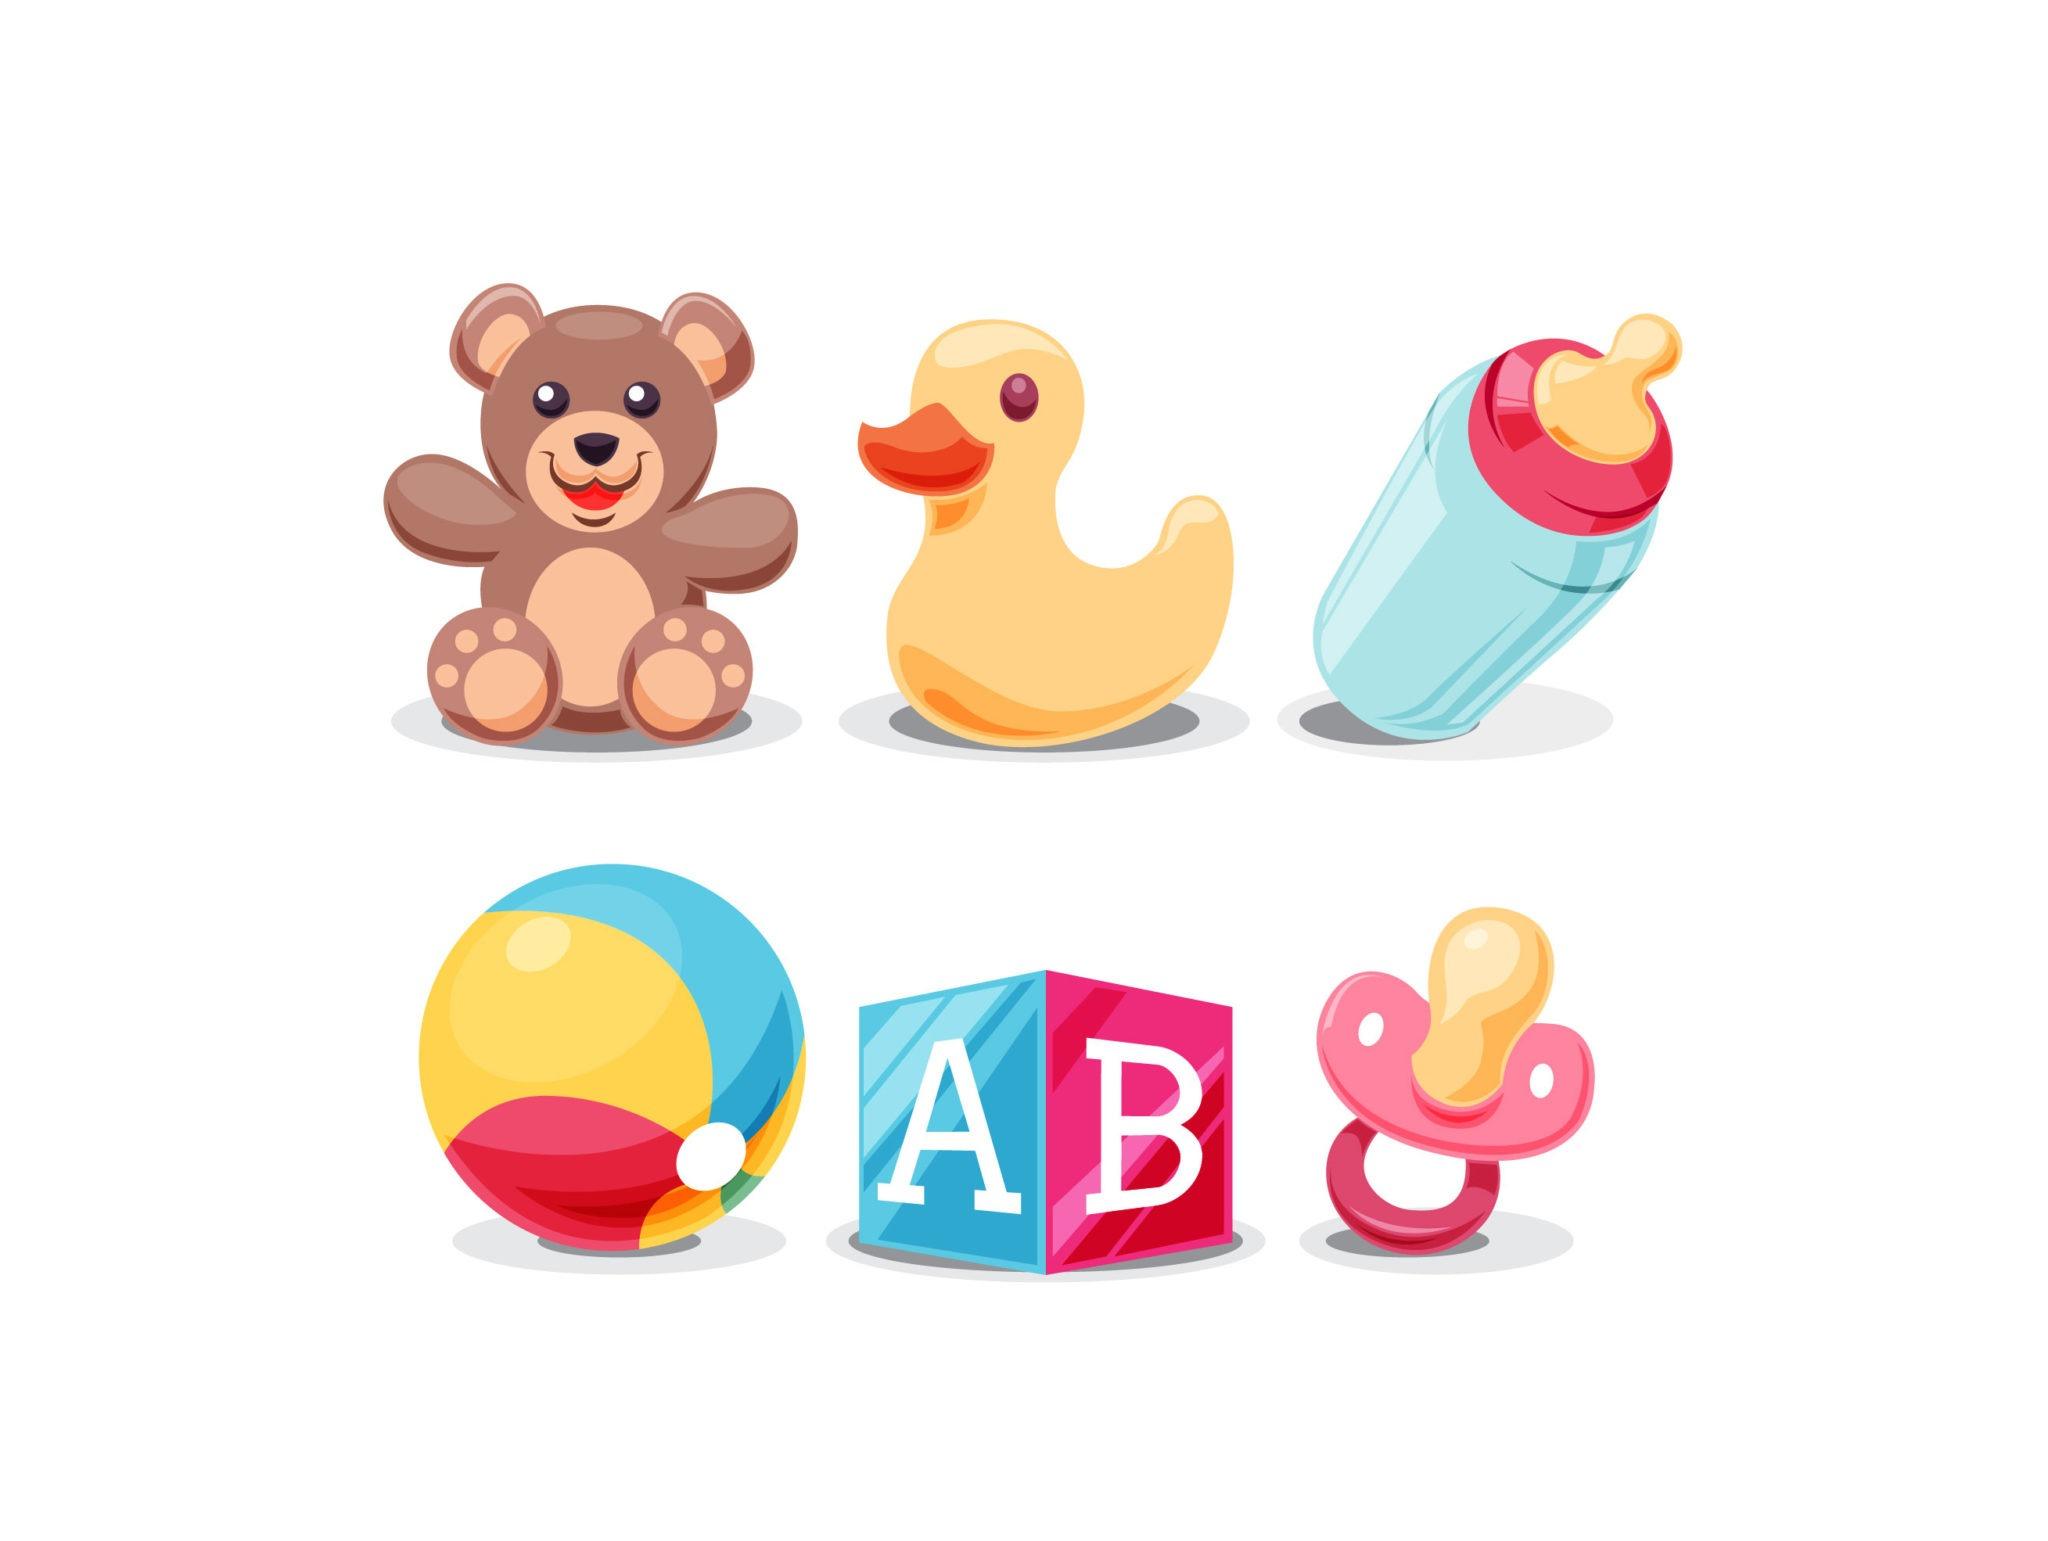 Spullen Voor Baby.Baby Spullen Stickersgoedkoop Nl